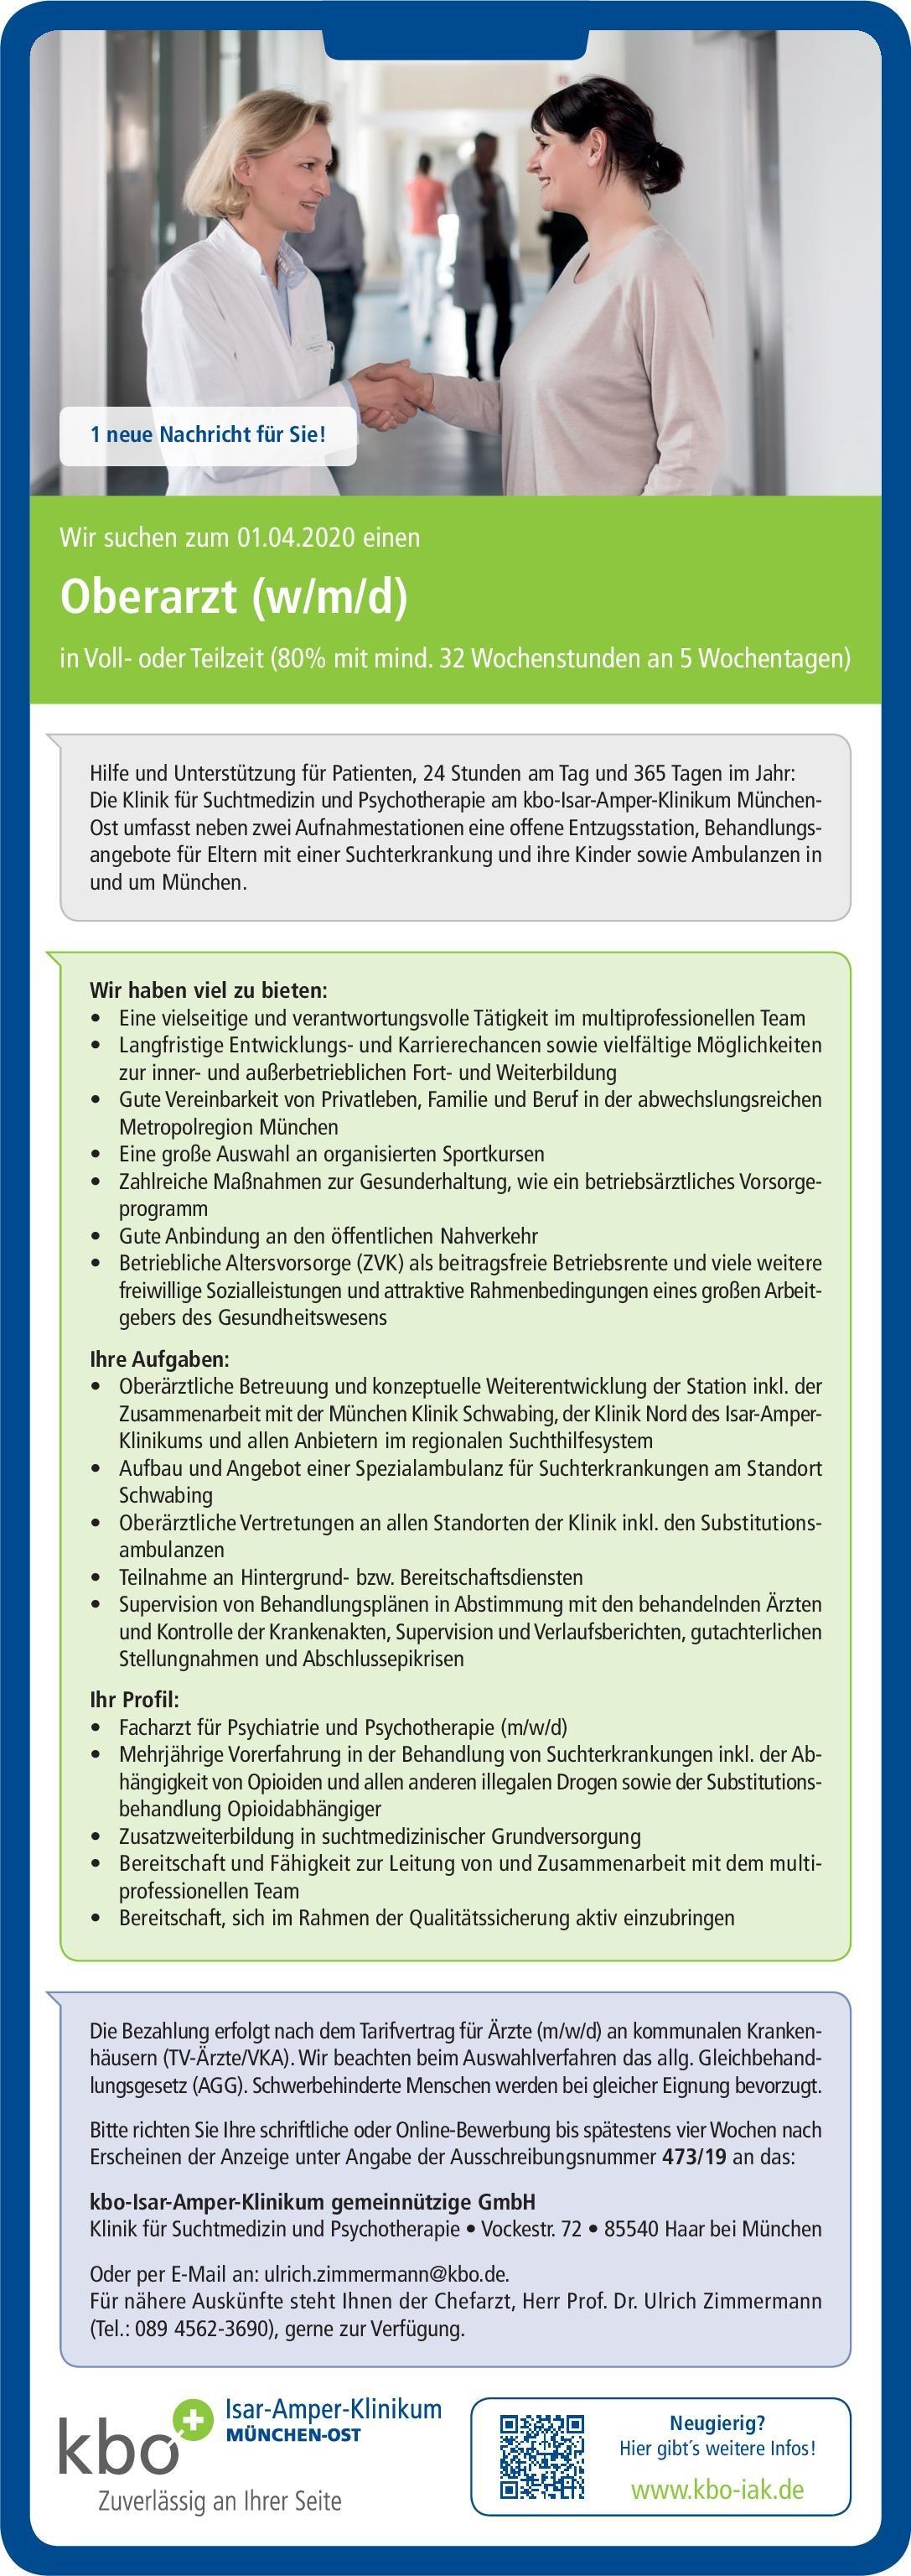 kbo-Isar-Amper-Klinikum gemeinnützige GmbH Oberarzt (w/m/d) für Psychiatrie und Psychotherapie  Psychiatrie und Psychotherapie, Psychiatrie und Psychotherapie Oberarzt